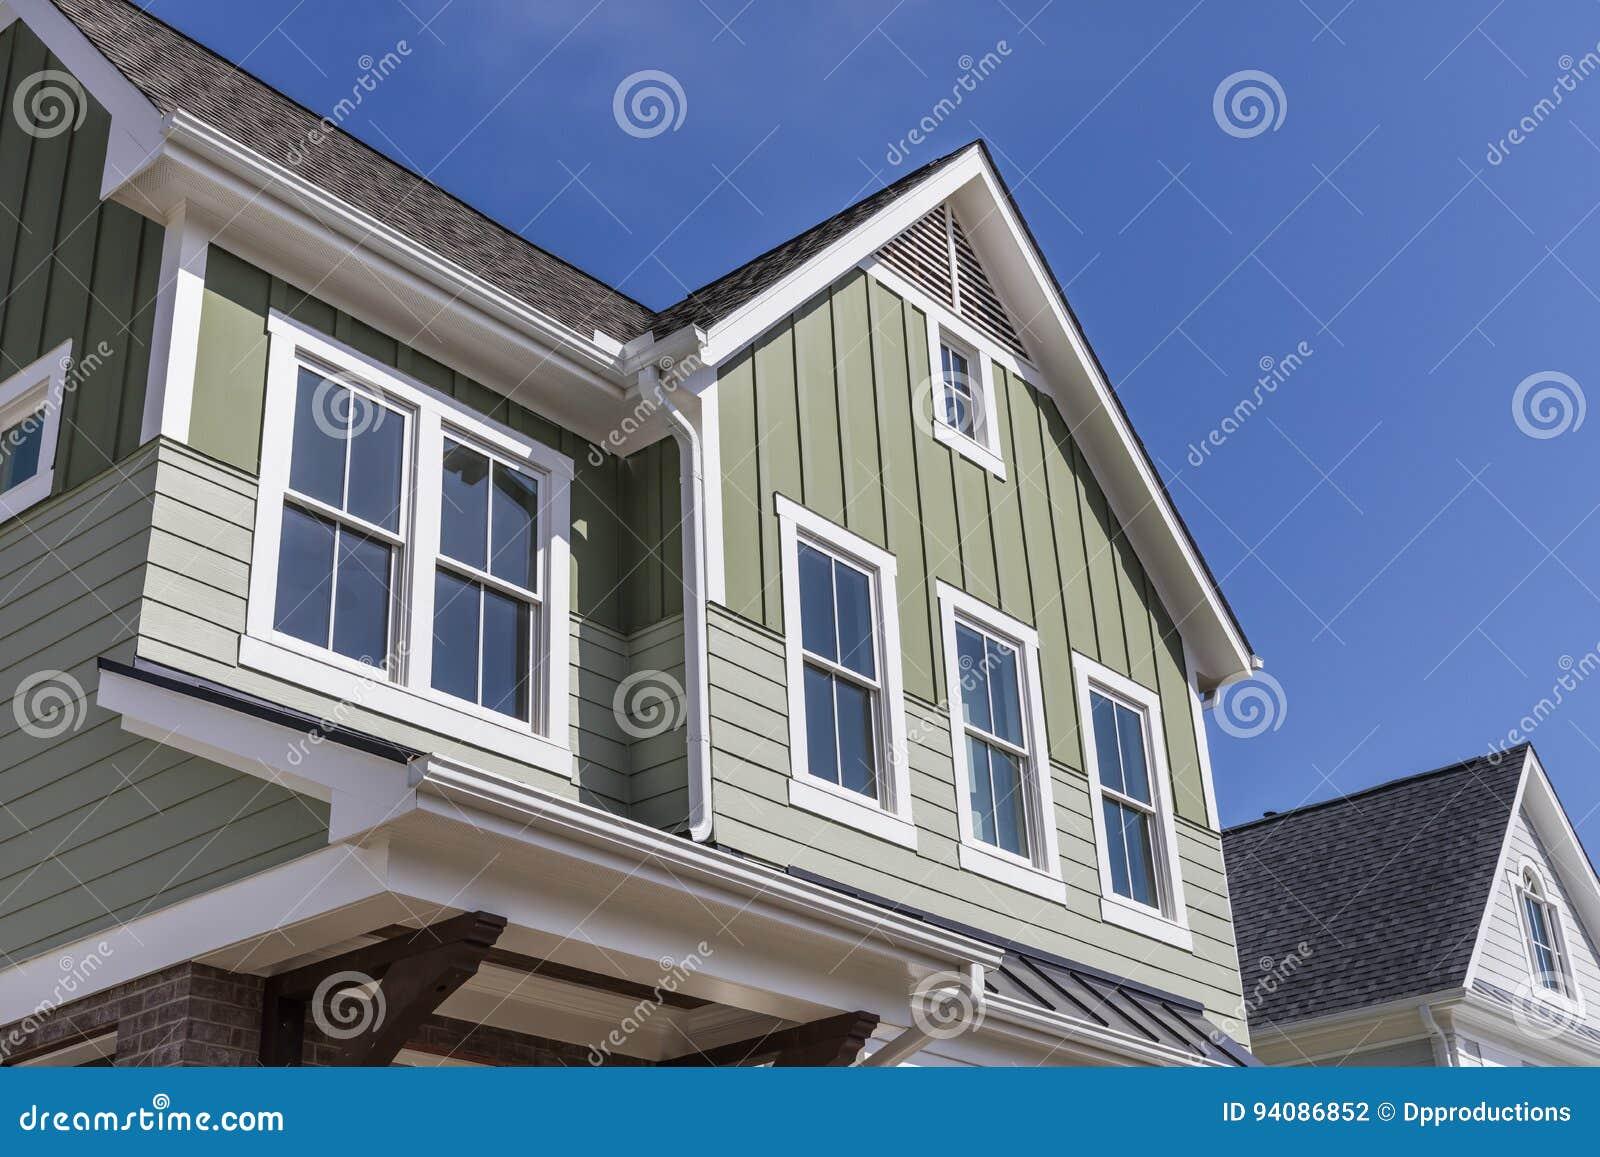 Esterno Di Una Casa : Esterno di una casa del nuovo modello fotografia stock immagine